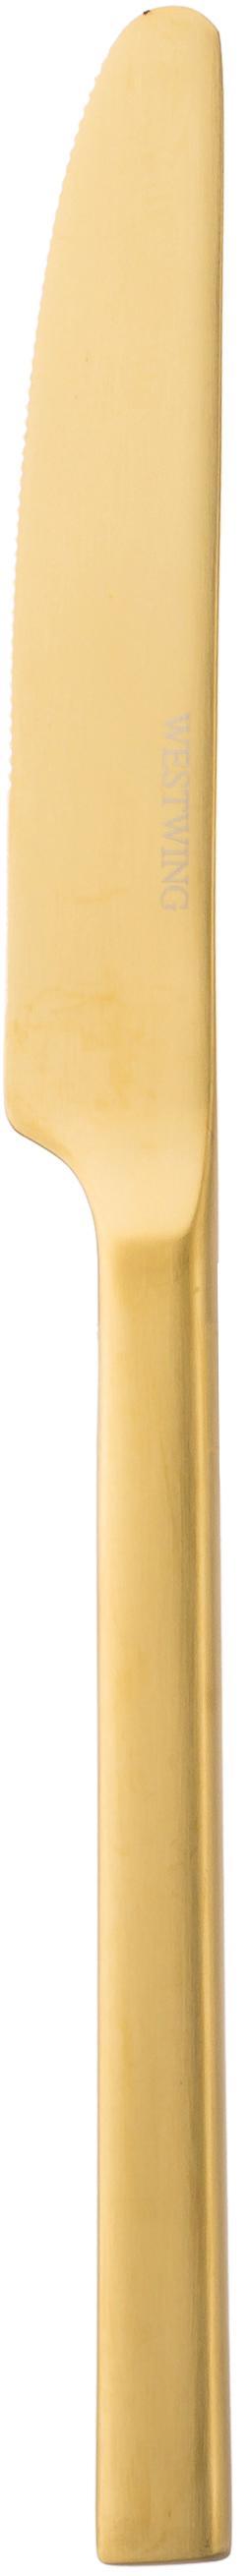 Goudkleurige bestekset Shine van edelstaal, in verschillende maten, Mes: edelstaal 13/0, Goudkleurig, 4 personen (20-delig)